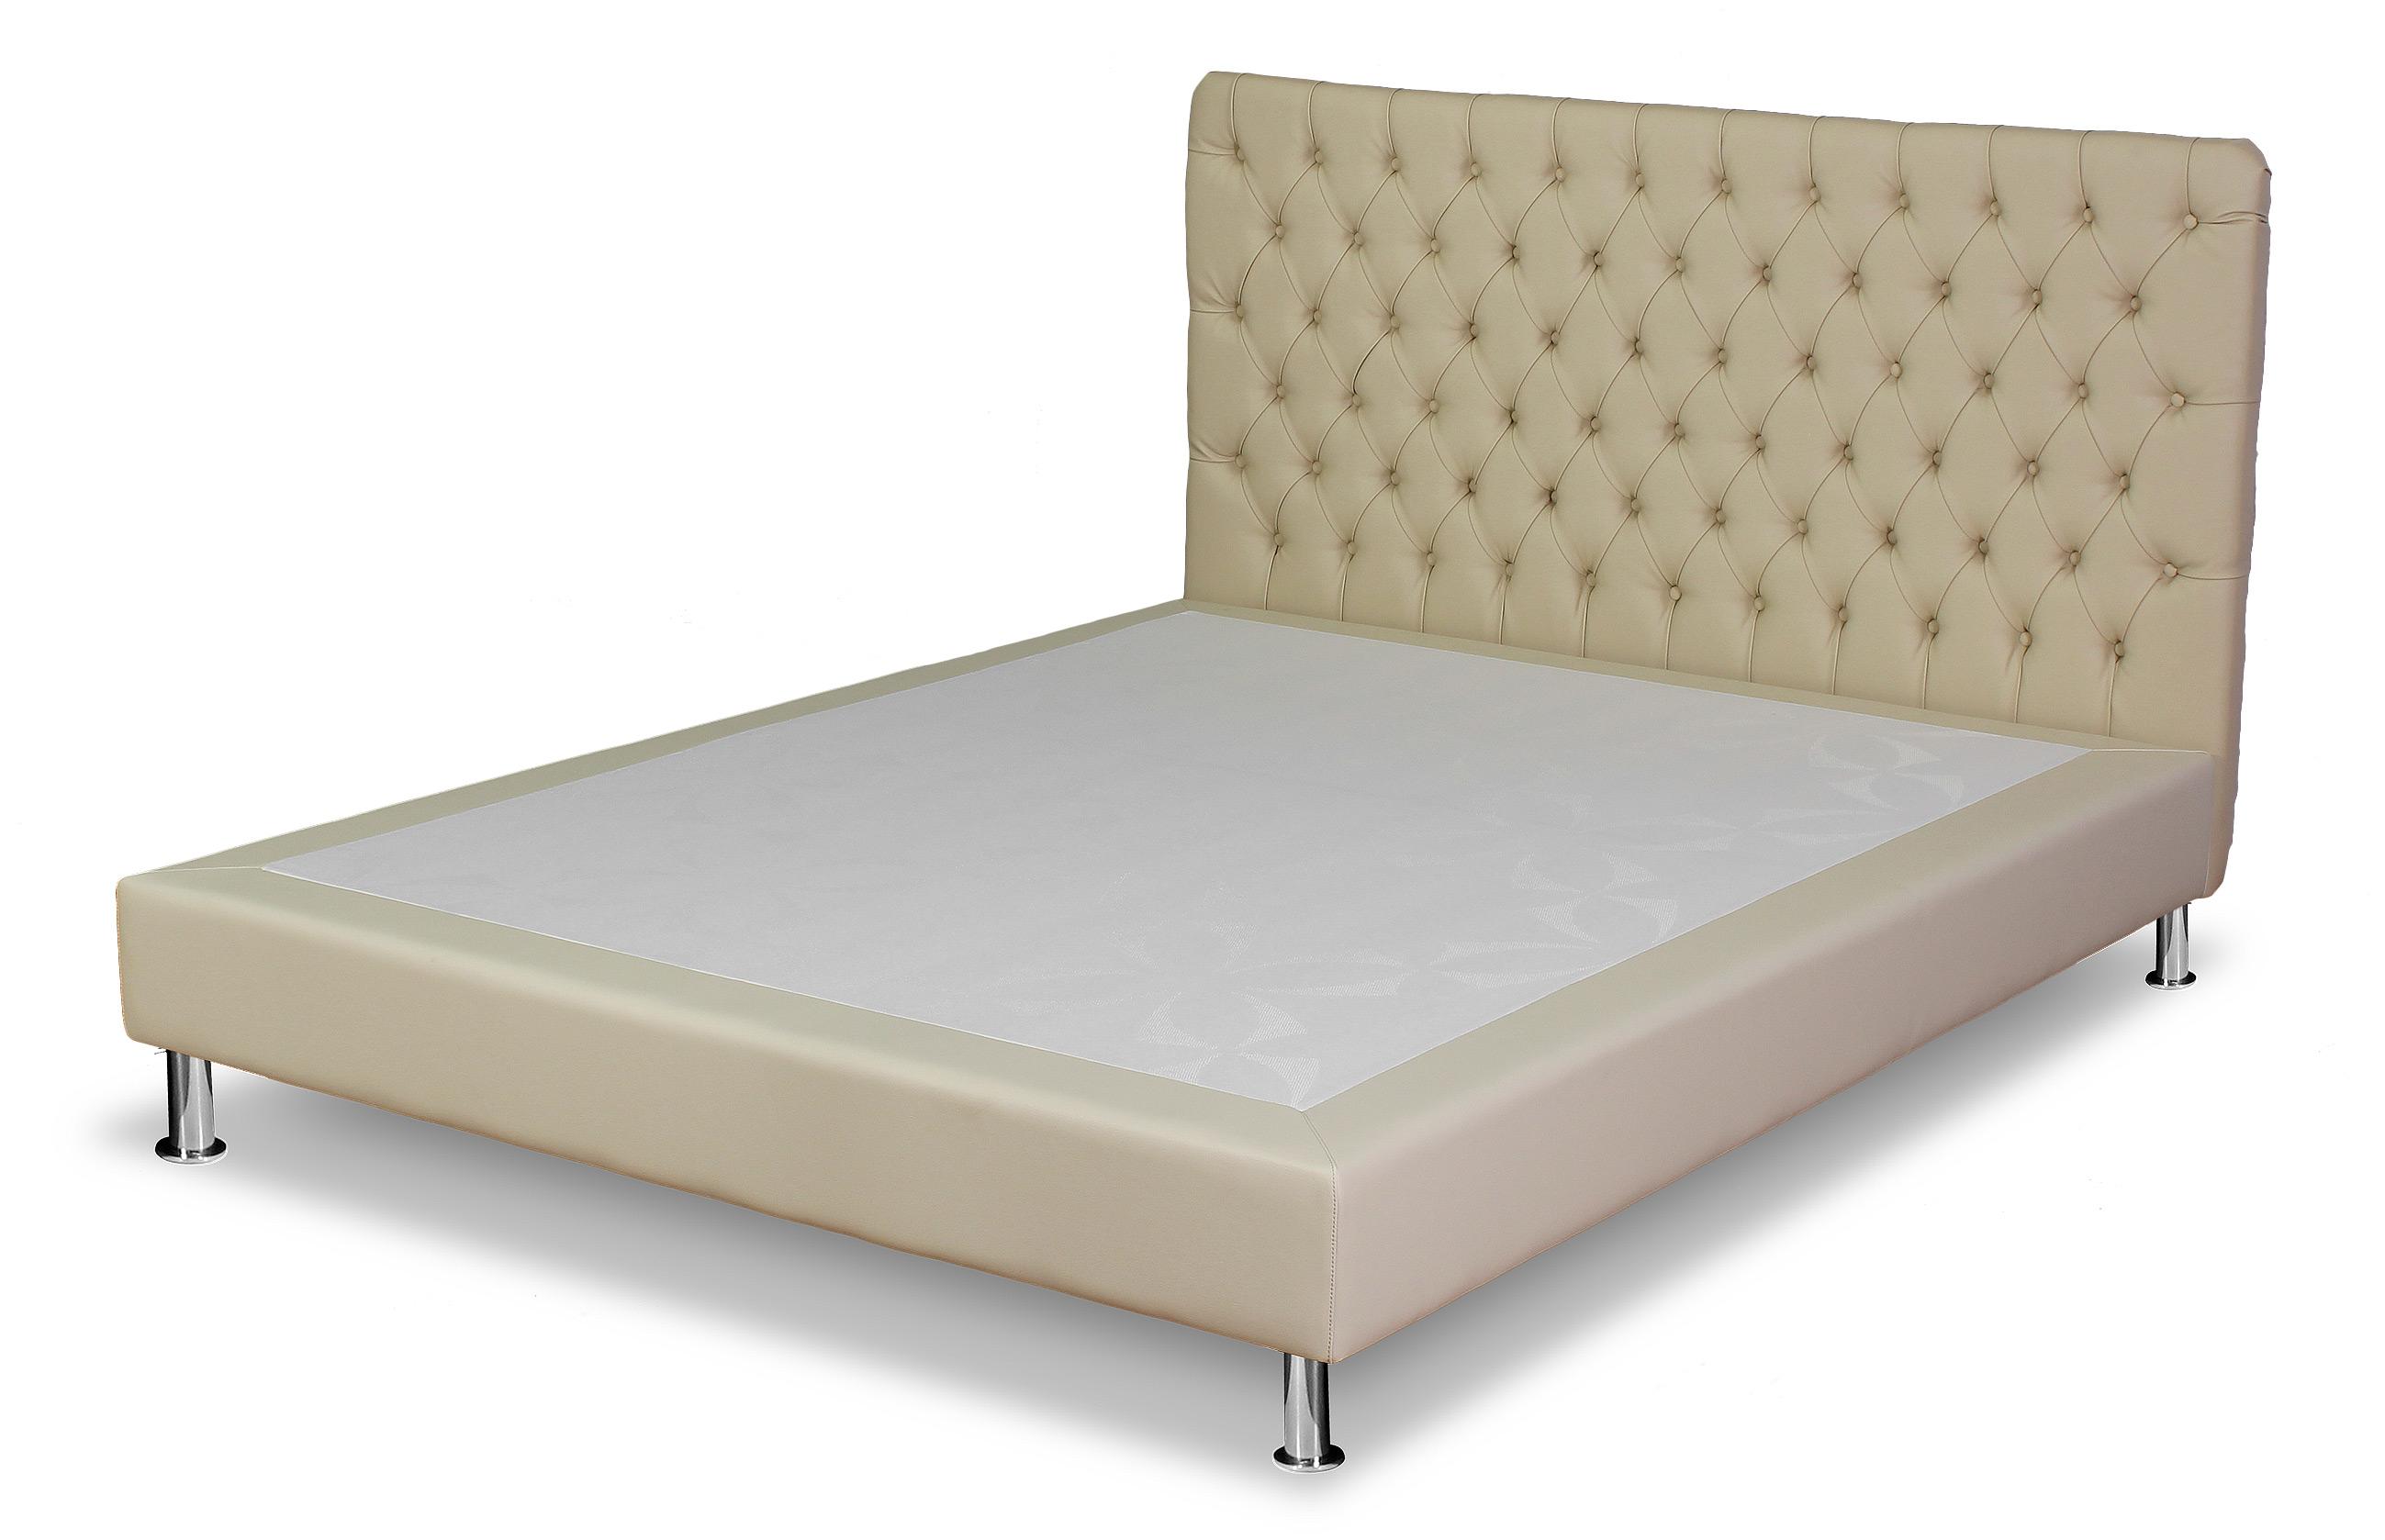 Testiera Per Letto Singolo : Testiera per letto singolo lusso leonardo h cm ecopelle